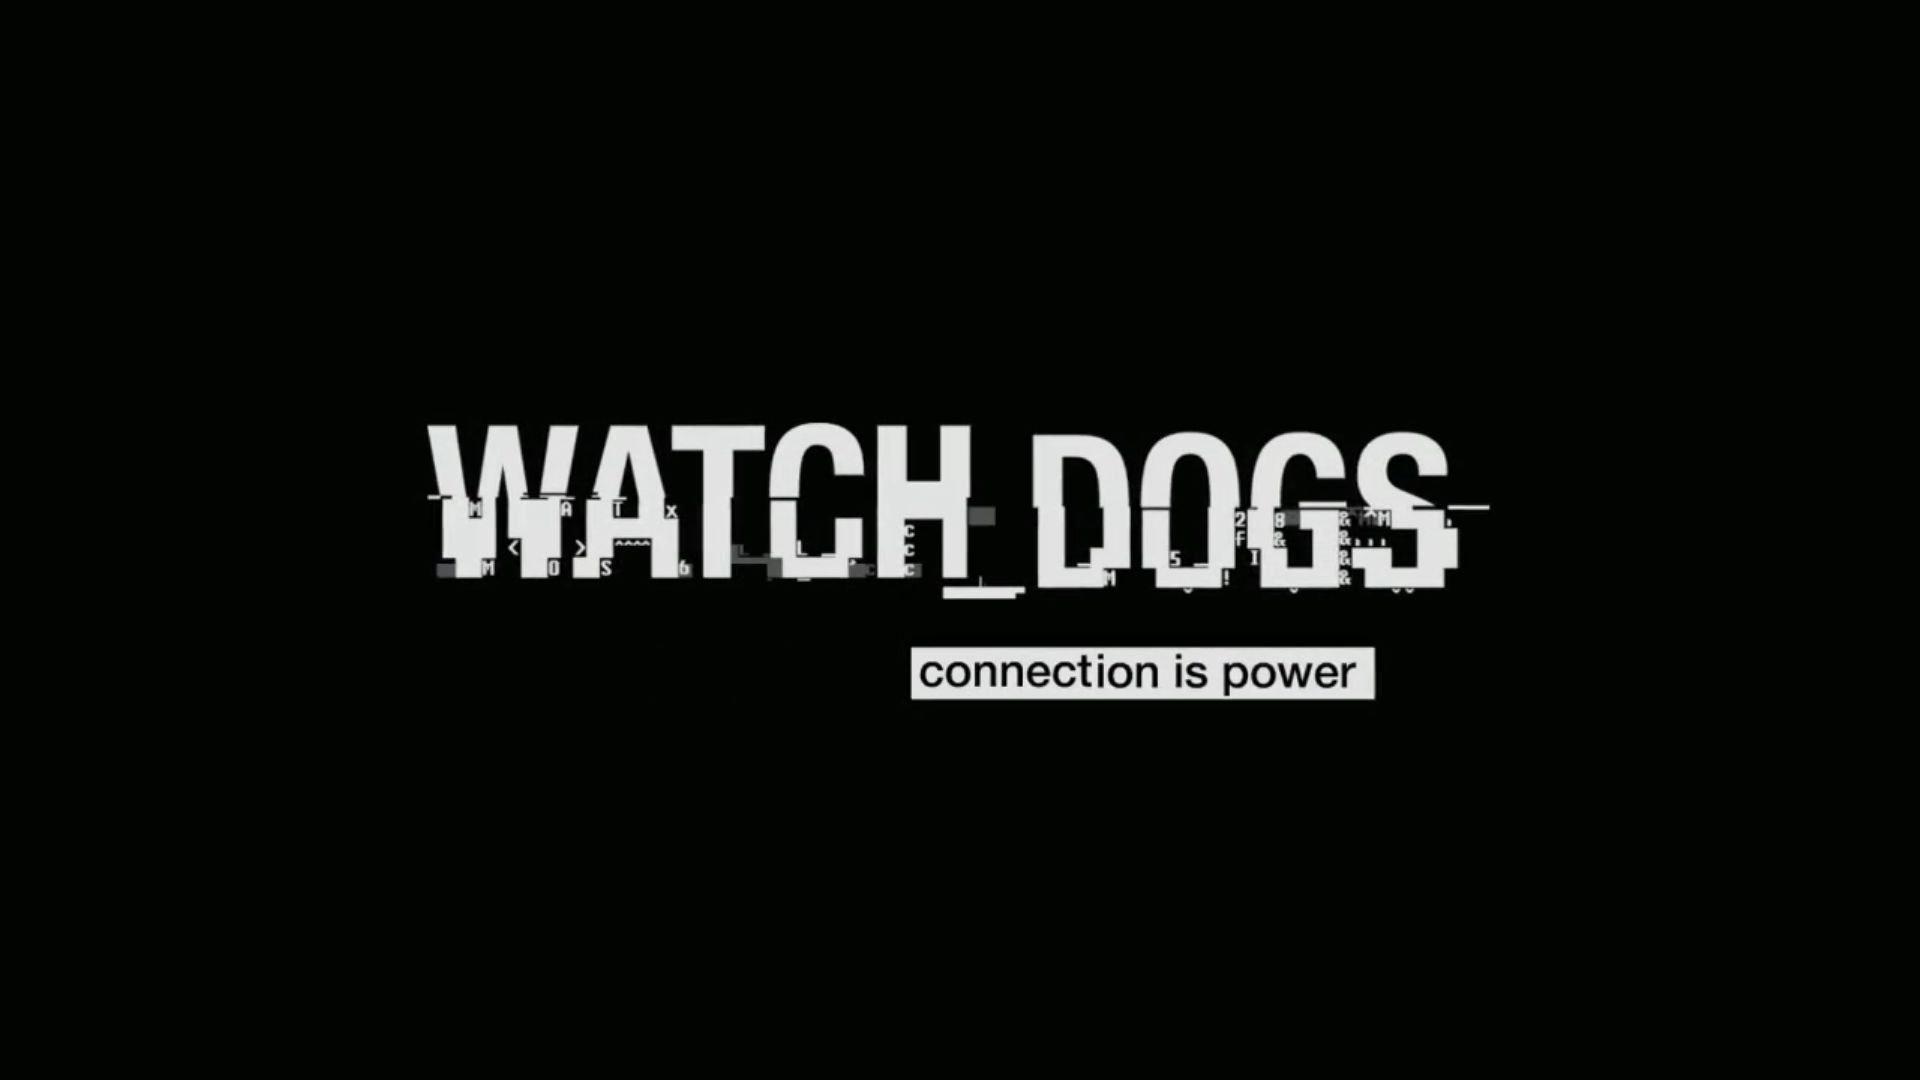 Watch Dogs станет «системной» игрой, в которой действия пользователя и принятые им решения непосредственно влияют на ... - Изображение 1